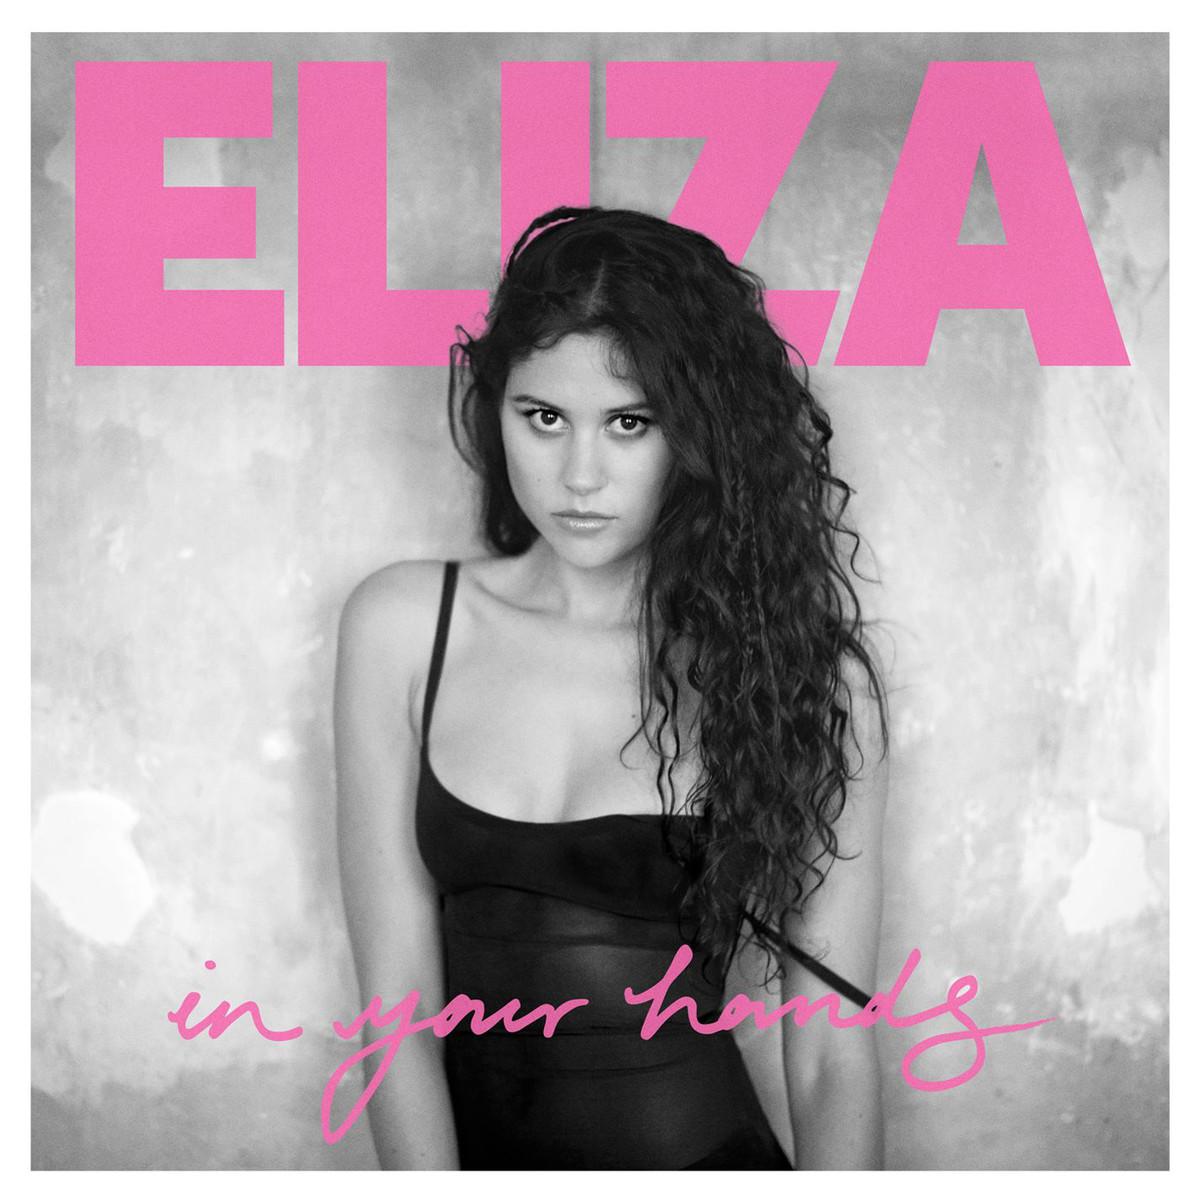 Eliza-Doolittle-In-Your-Hands-2013